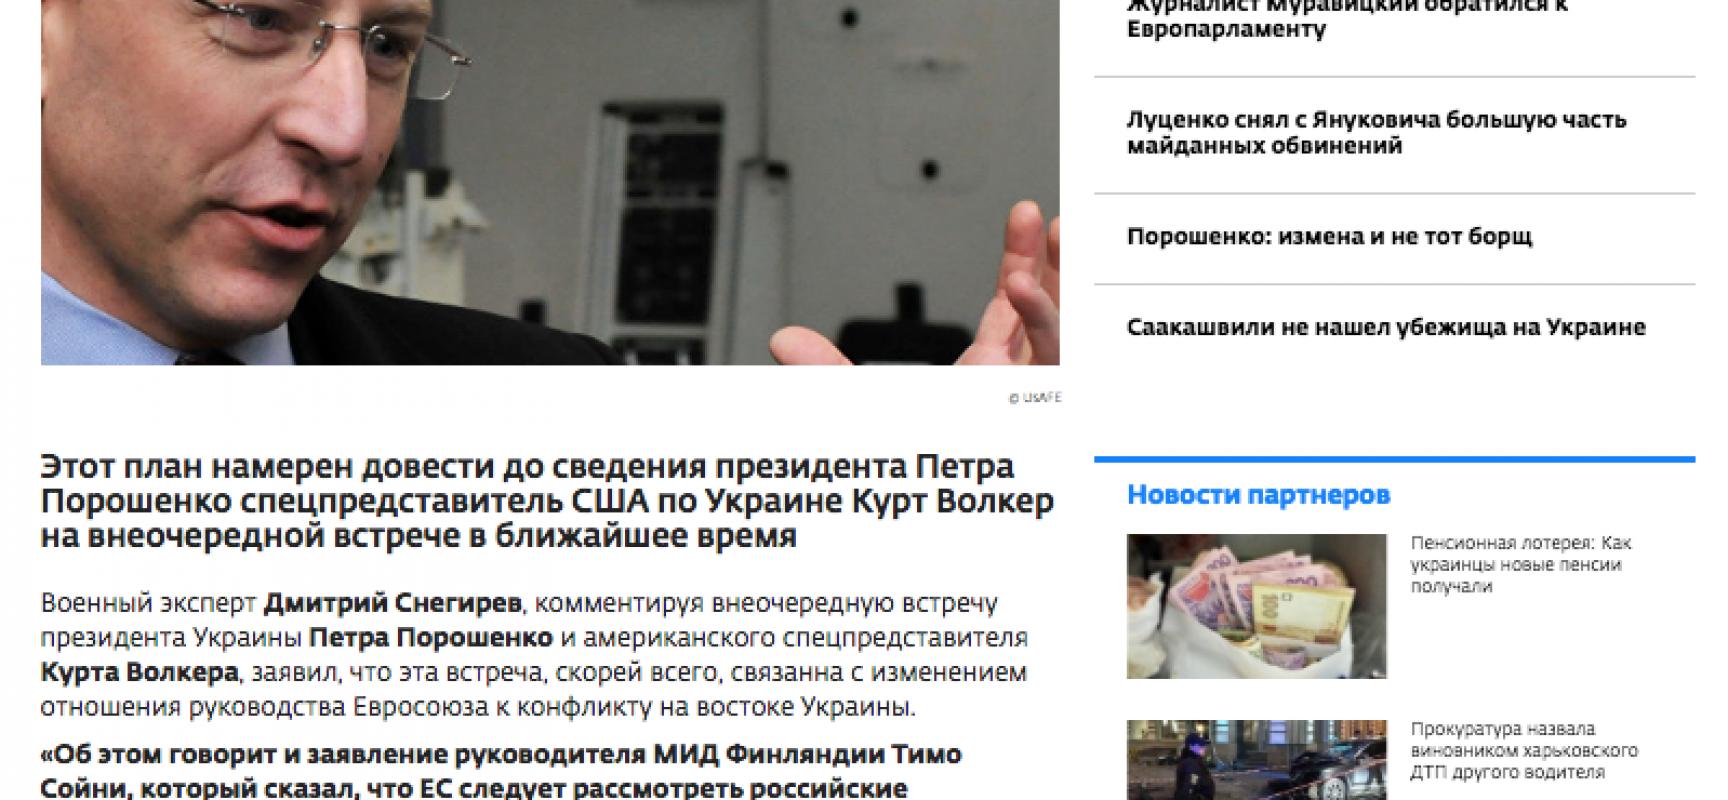 Fake: L'Europa prenderà in considerazione la proposta russa per il Donbass